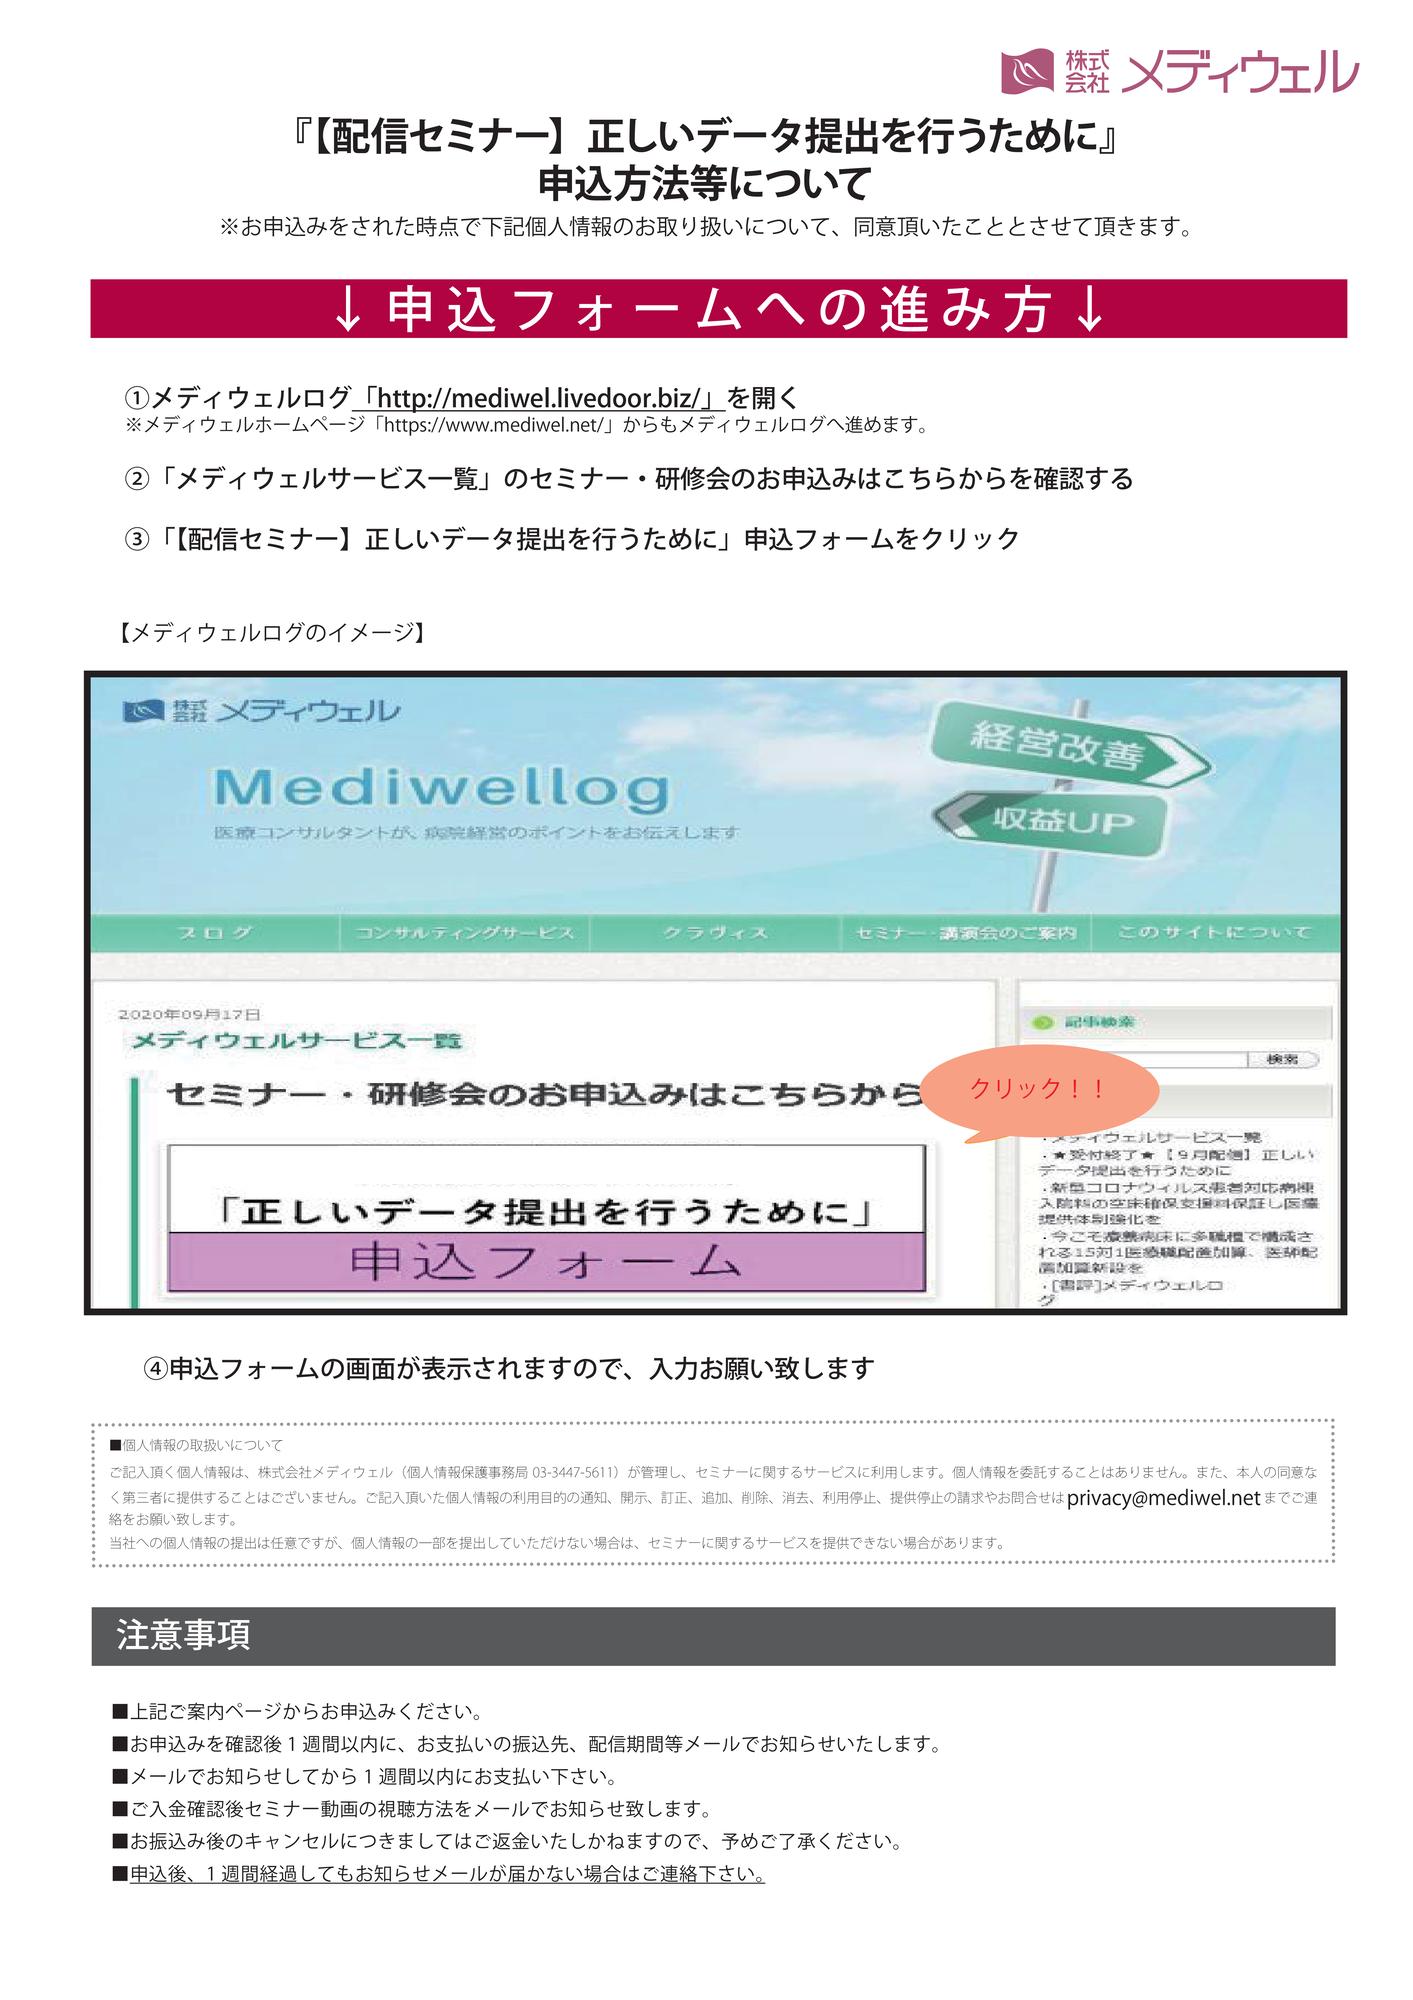 【4-9月配信】正しいデータ提出を行うために-02